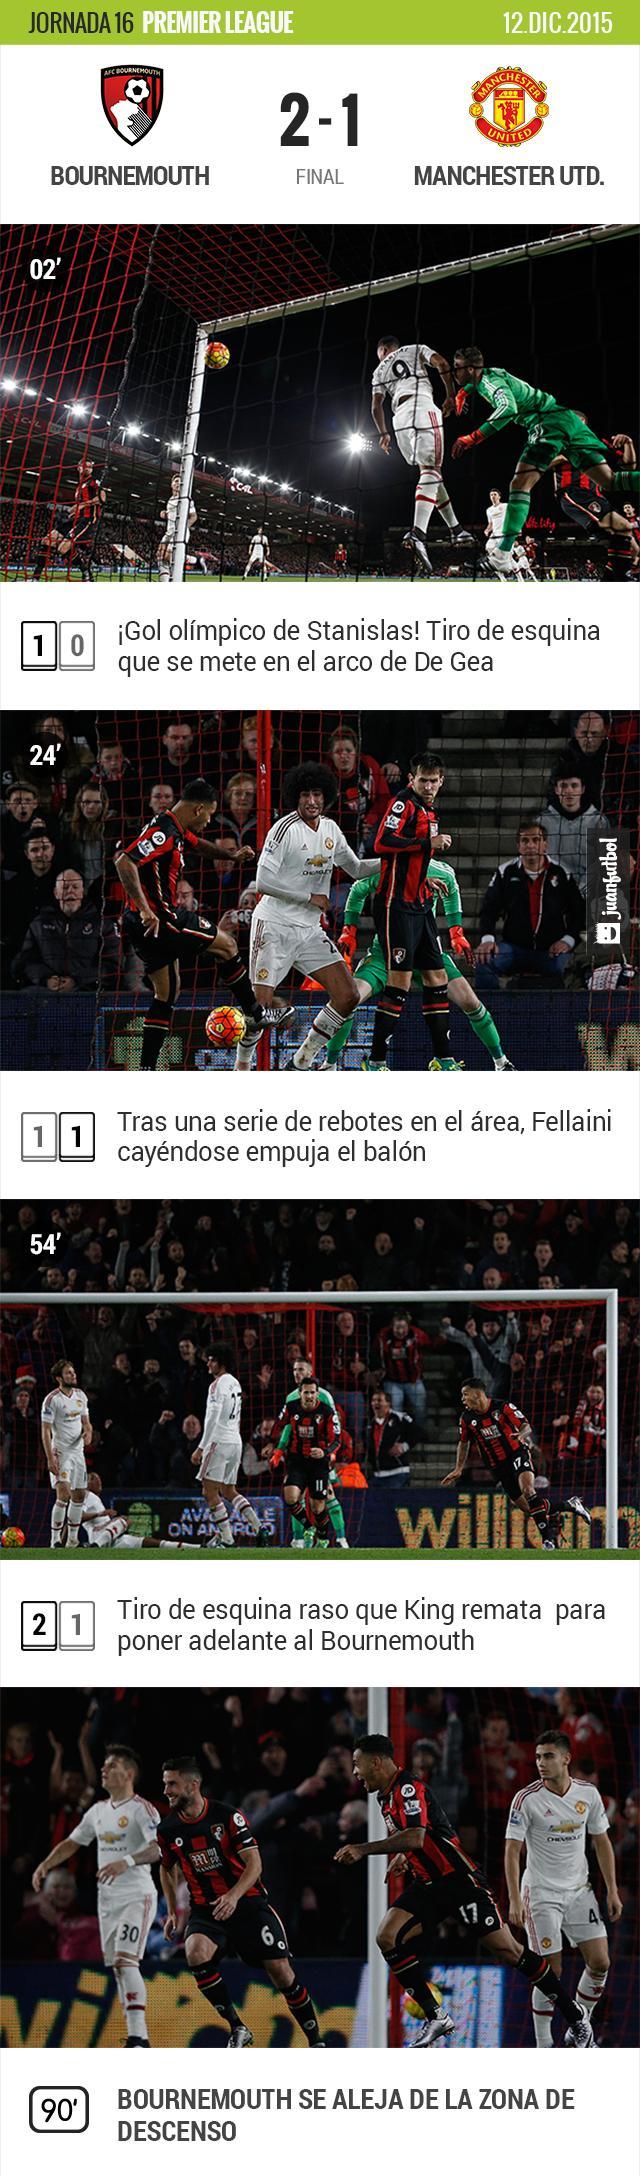 Manchester United cae en su visita frente a un rival en zona de descenso.